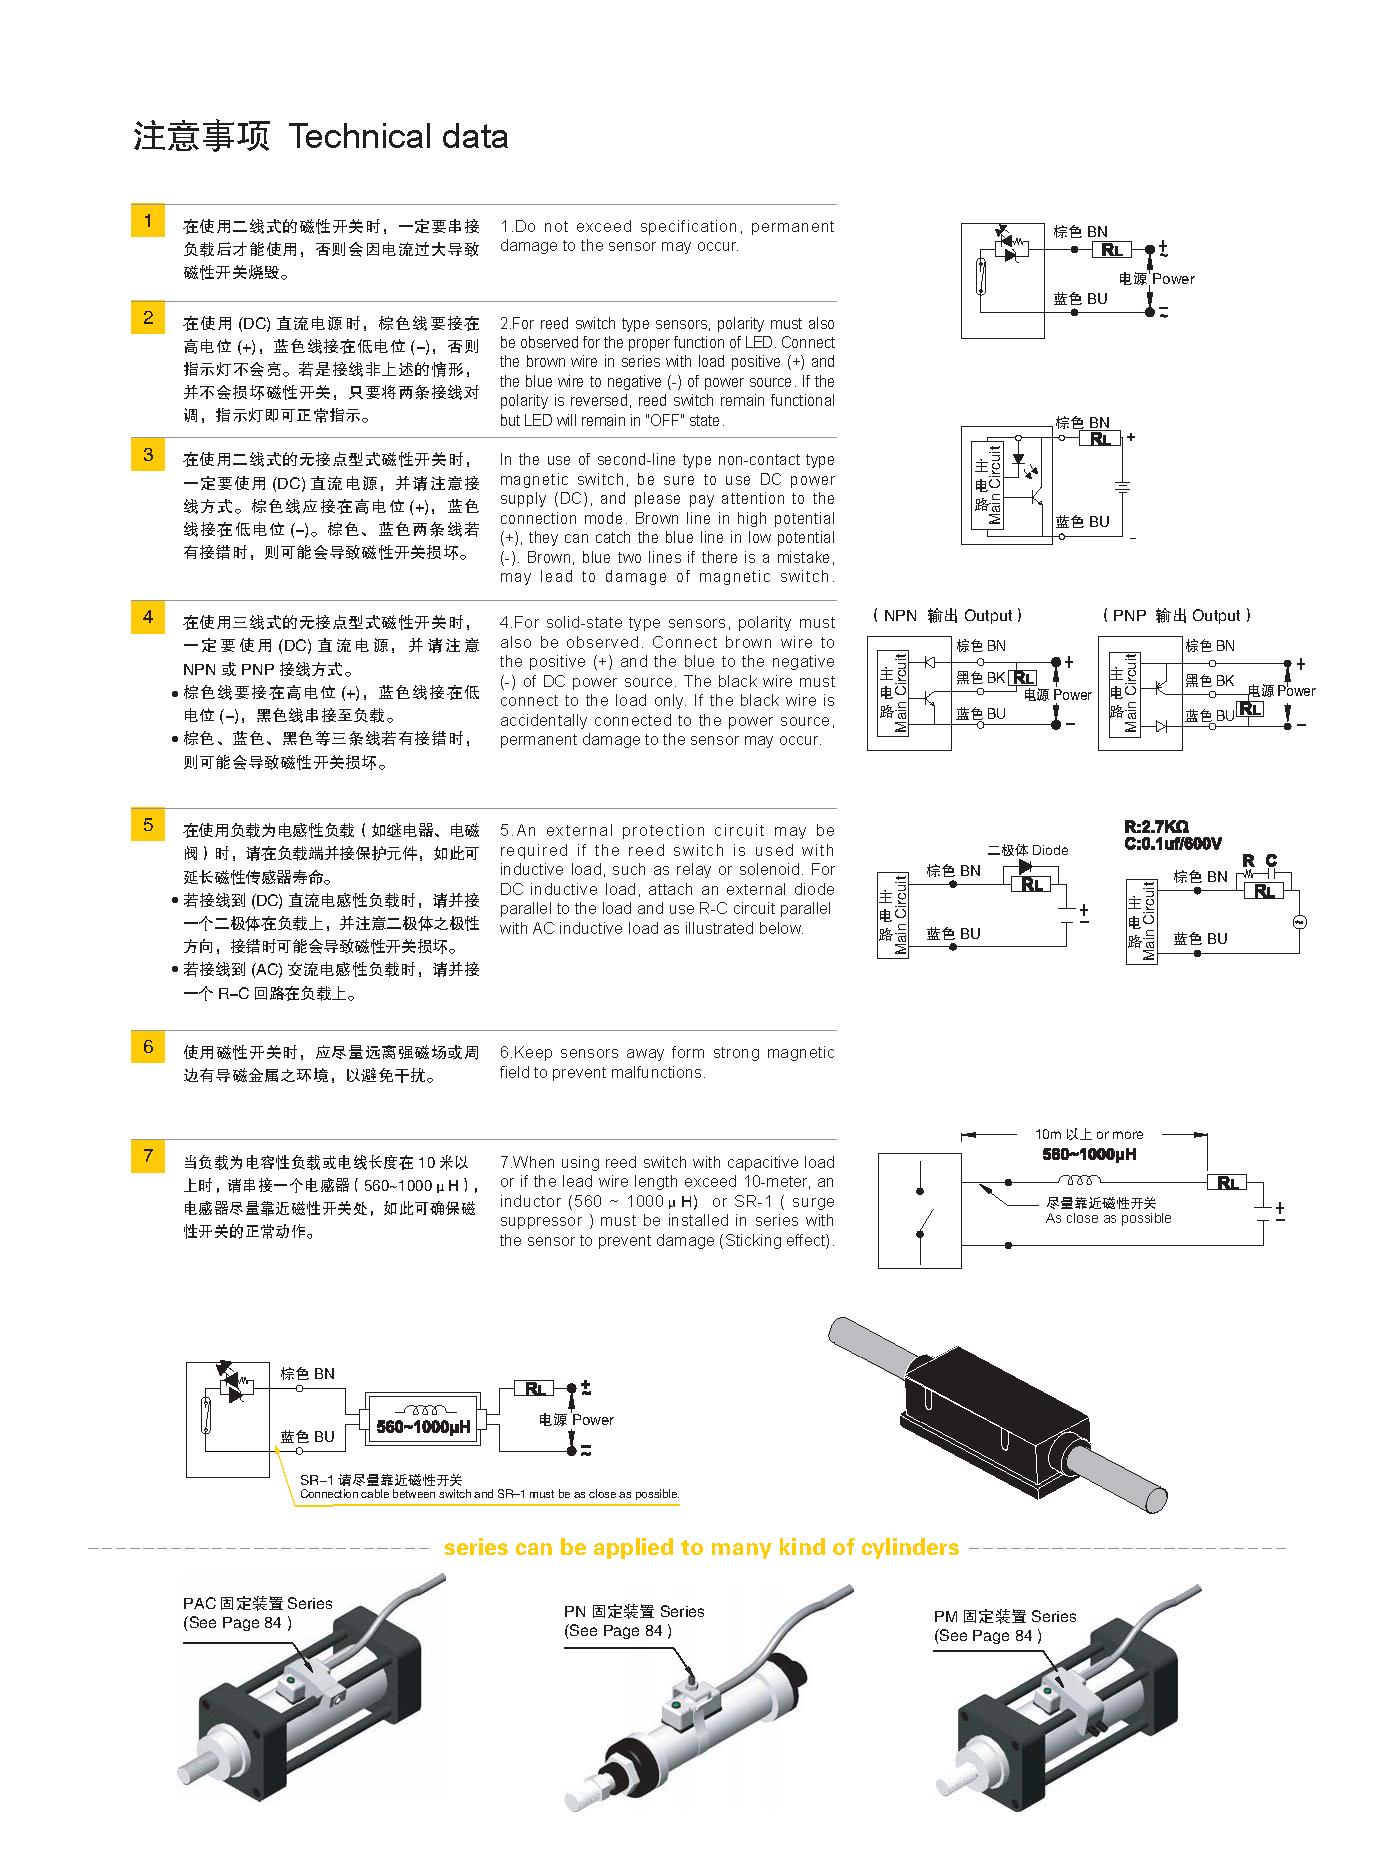 霍尔效应传感器是一种磁性元件,它可以转换磁性编码的信息(如位置、距离和速度),以便电子电路可以处理它。它们通常根据输出模式或操作模式进行分类。  霍尔效应传感器按电压输出可分为数字传感器和模拟传感器